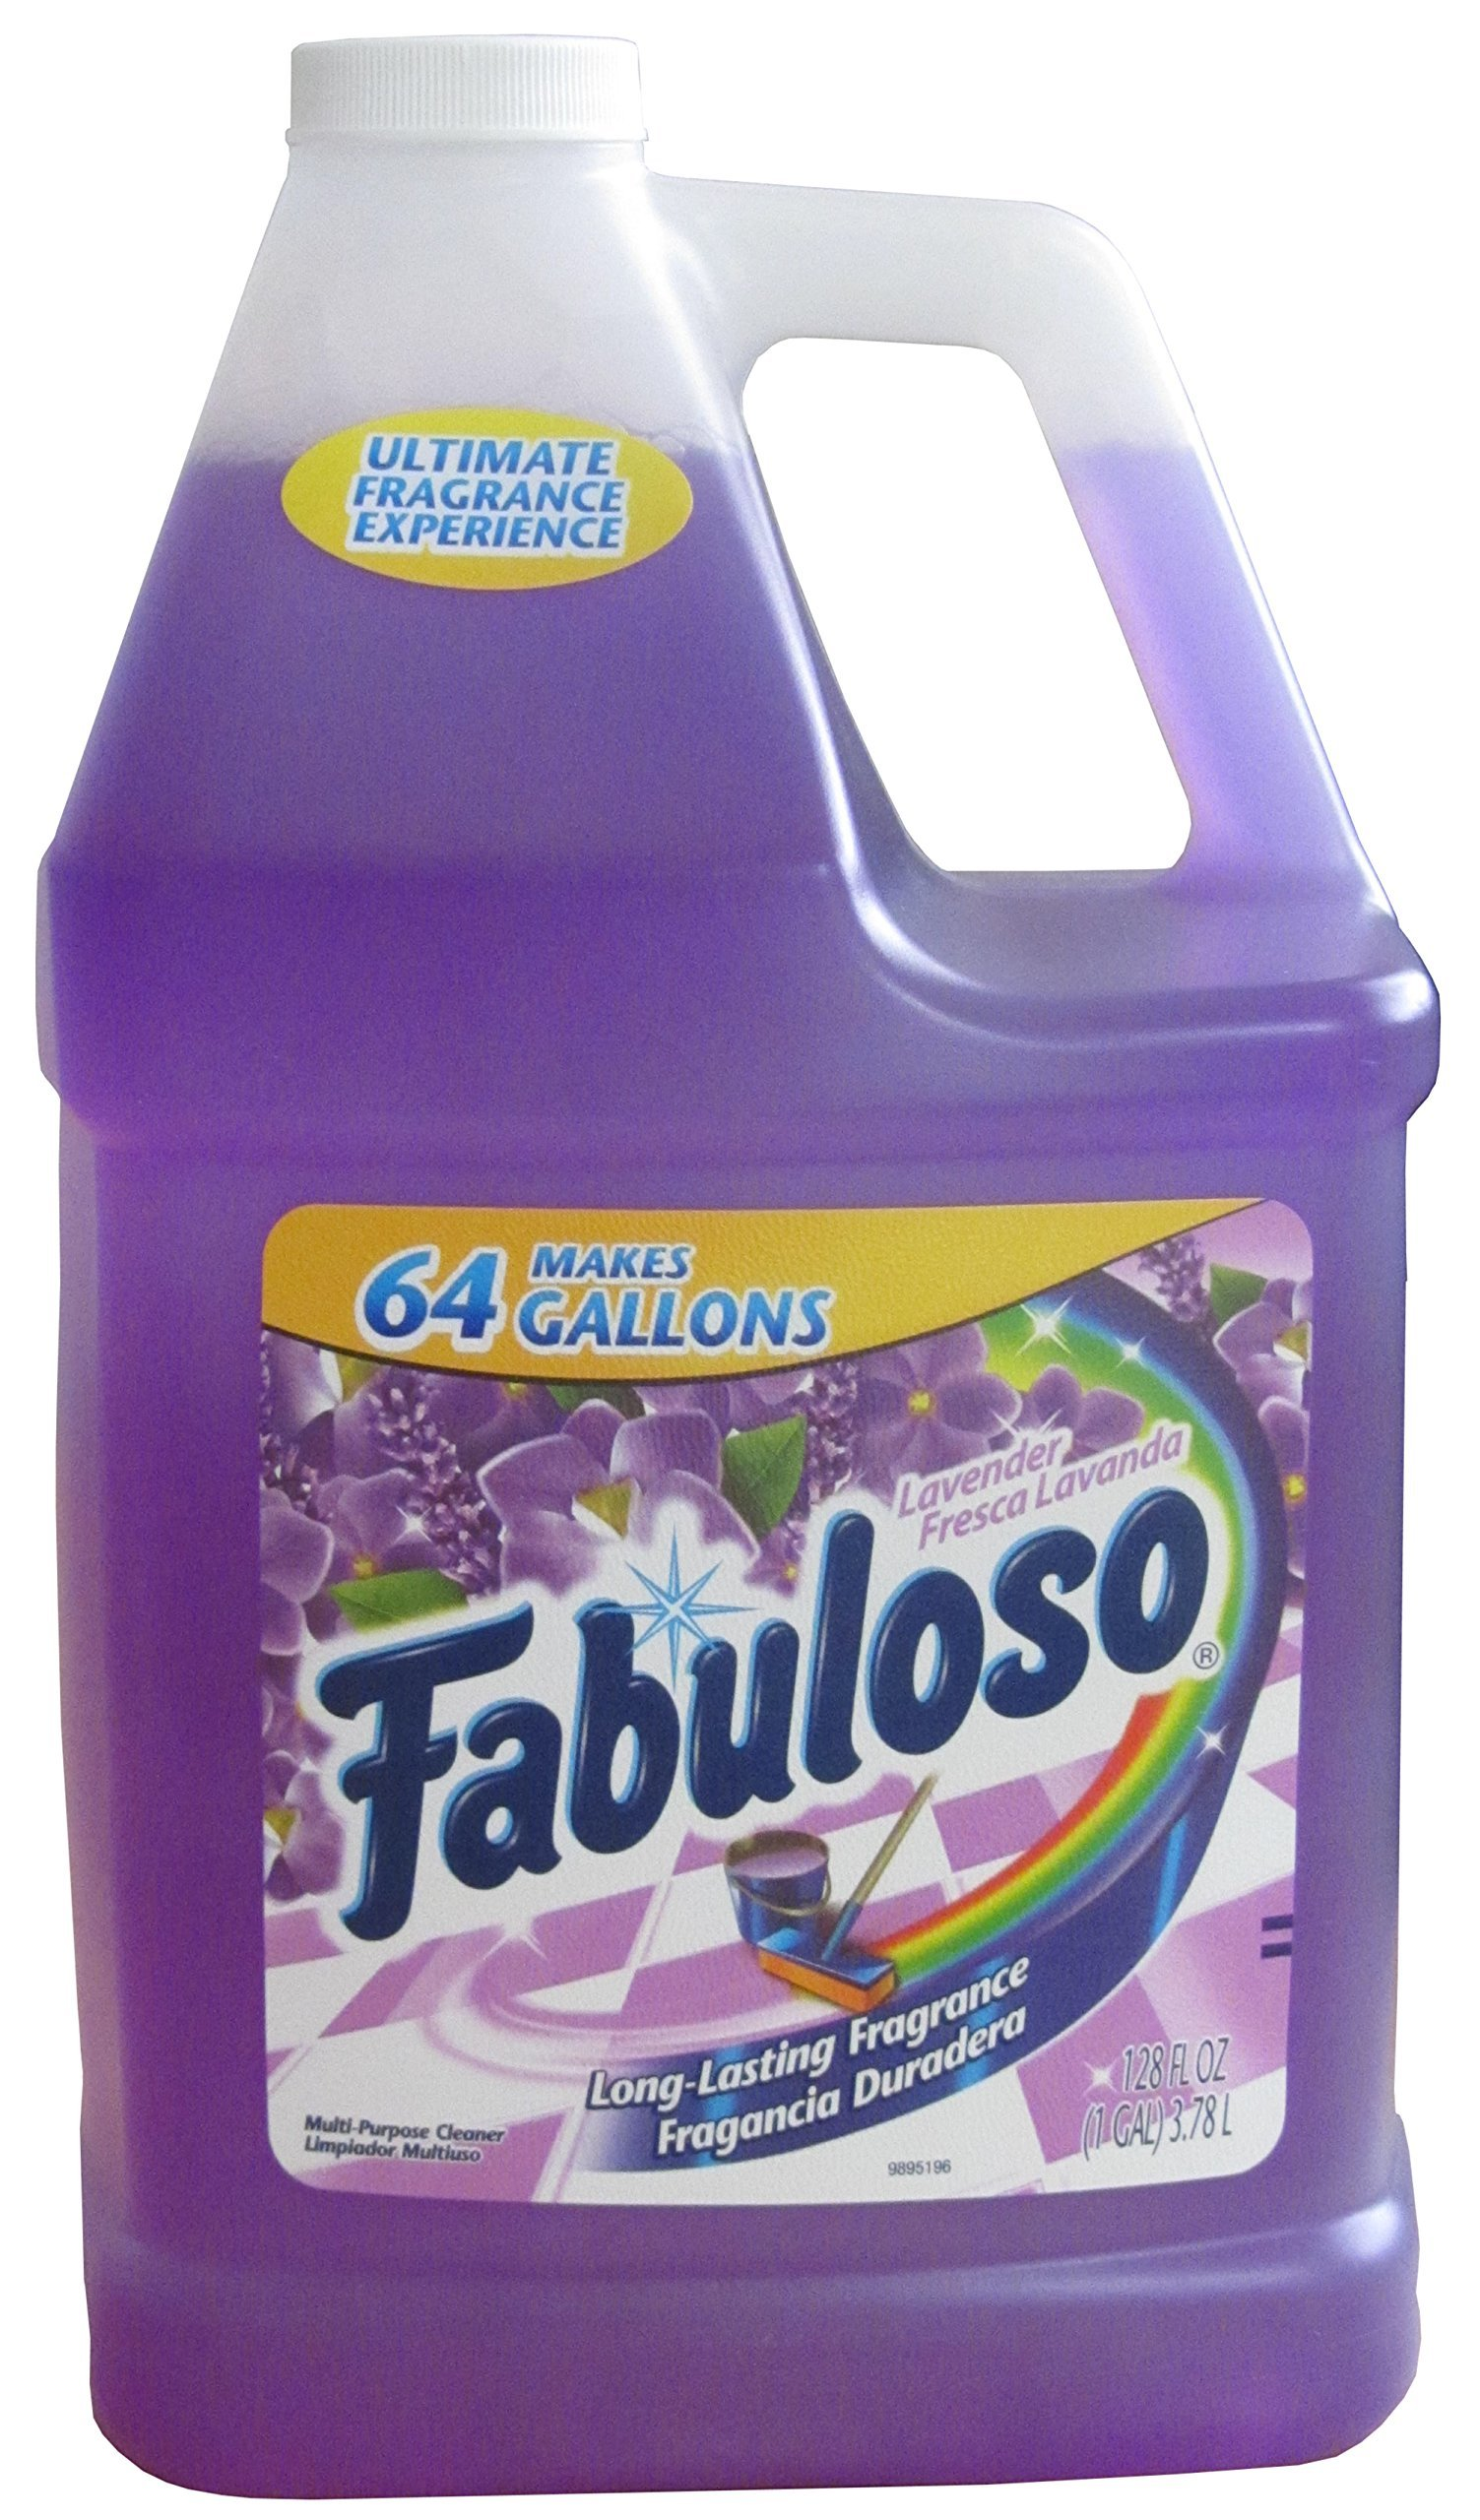 Fabuloso Lasting Fragrance gallon Lavender